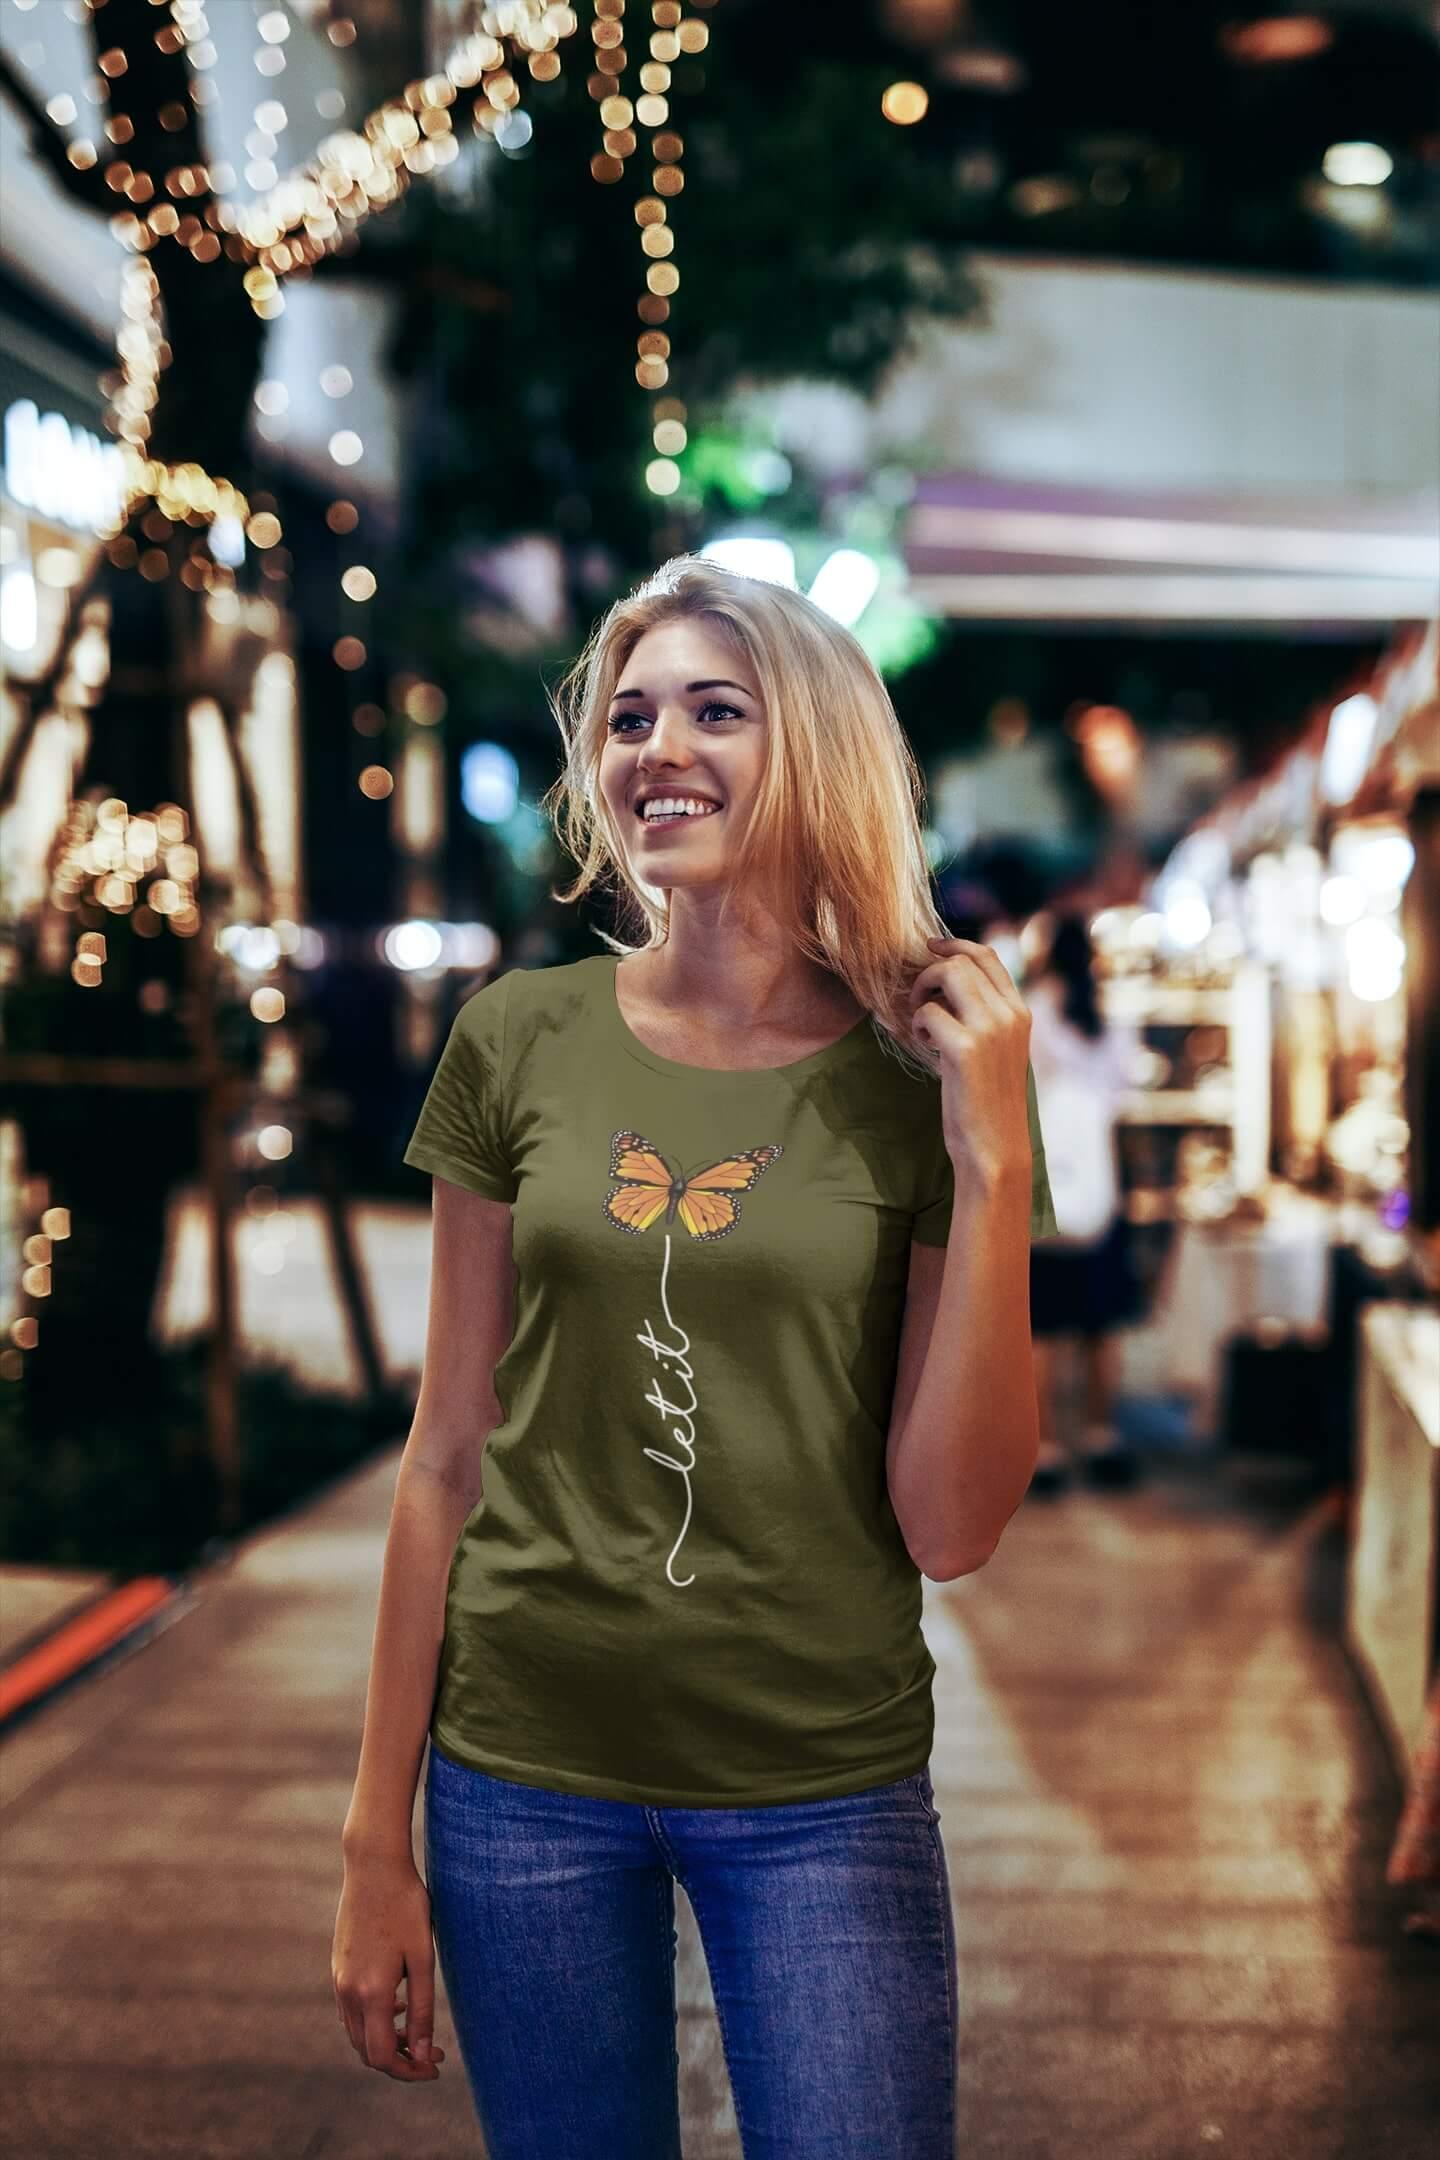 MMO Dámske tričko Let it motýľ Vyberte farbu: Khaki, Vyberte veľkosť: S